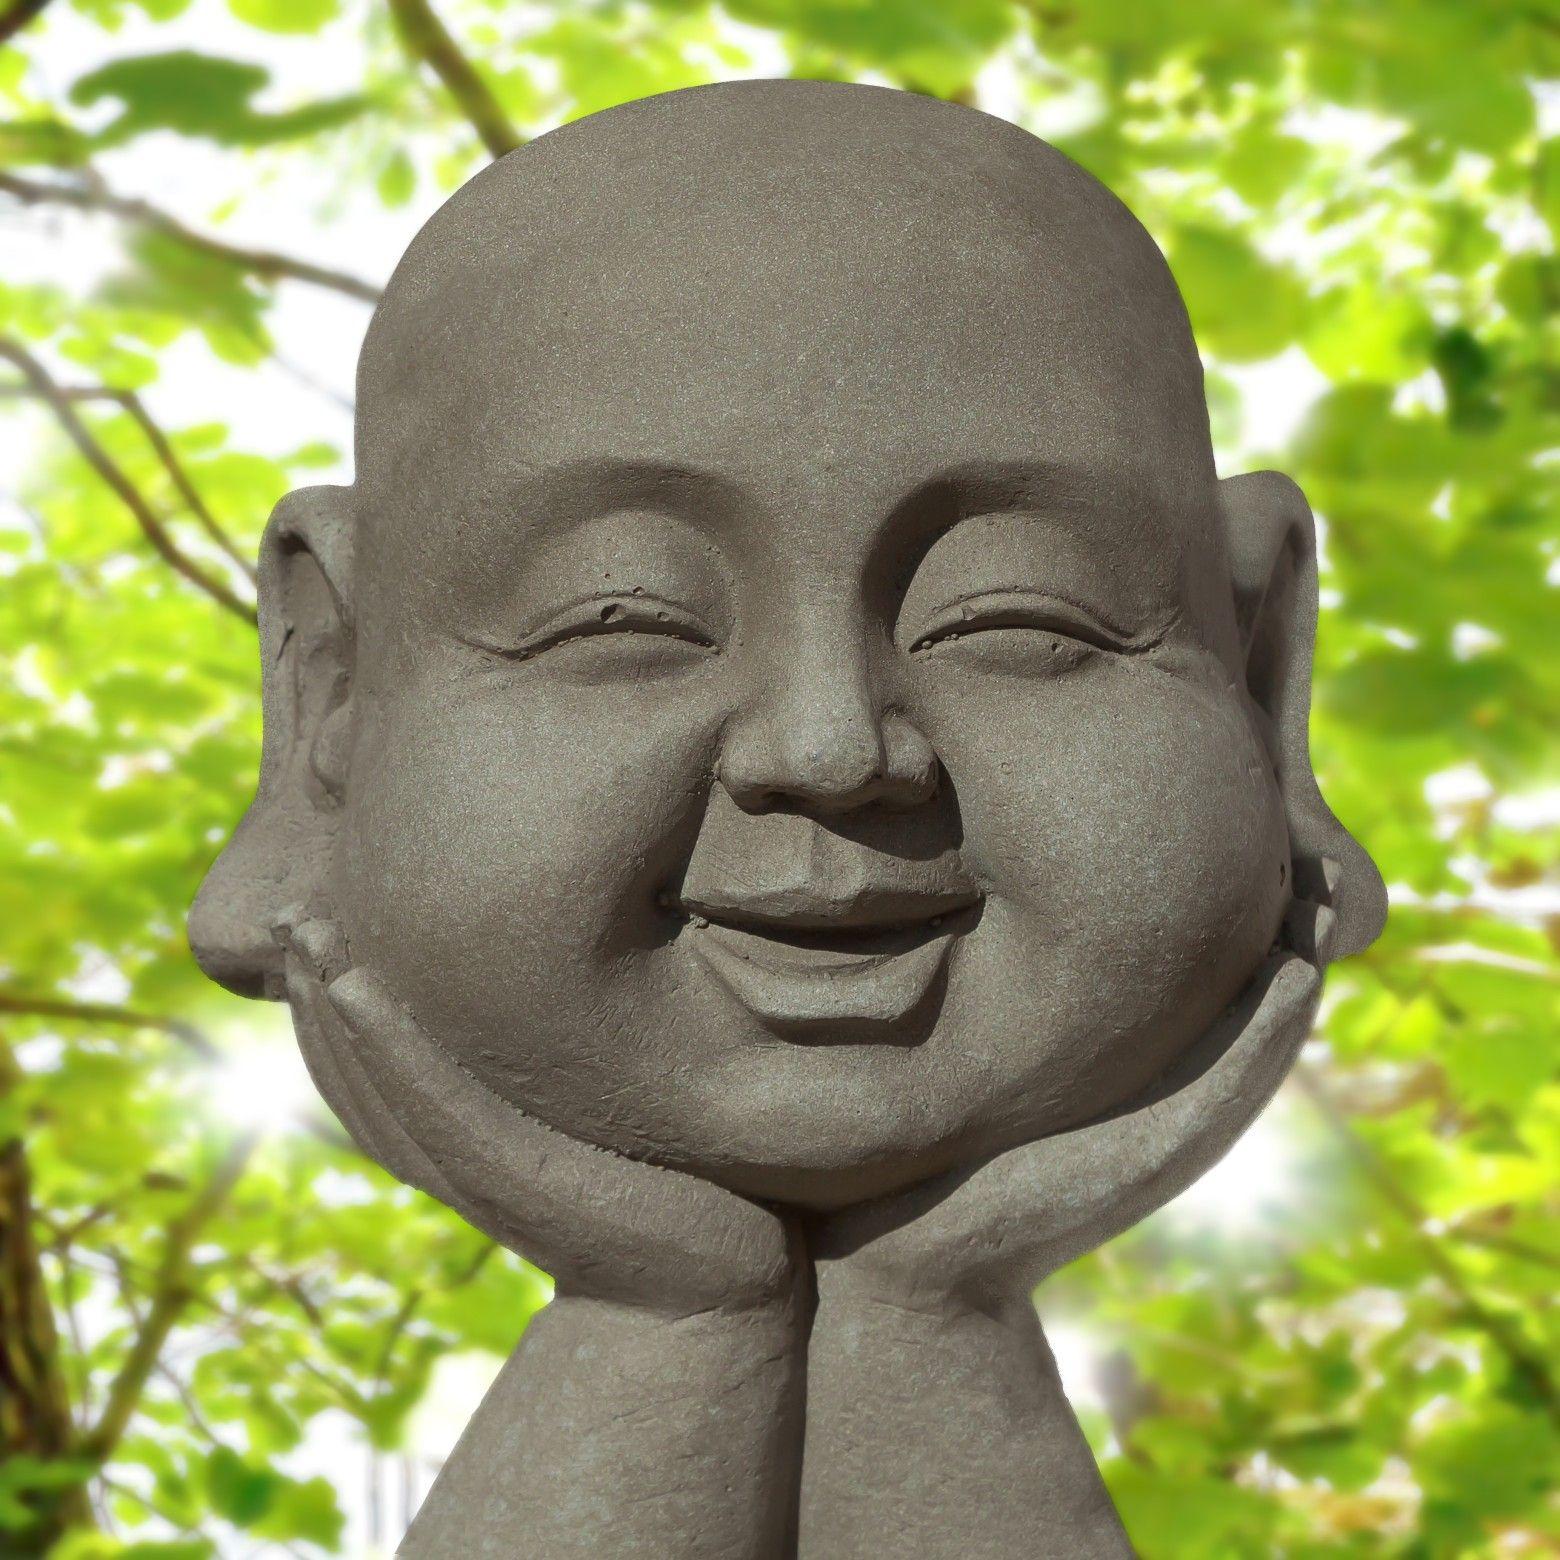 Très zen bouddha rieur images photos gratuites | images gratuites et  BS08